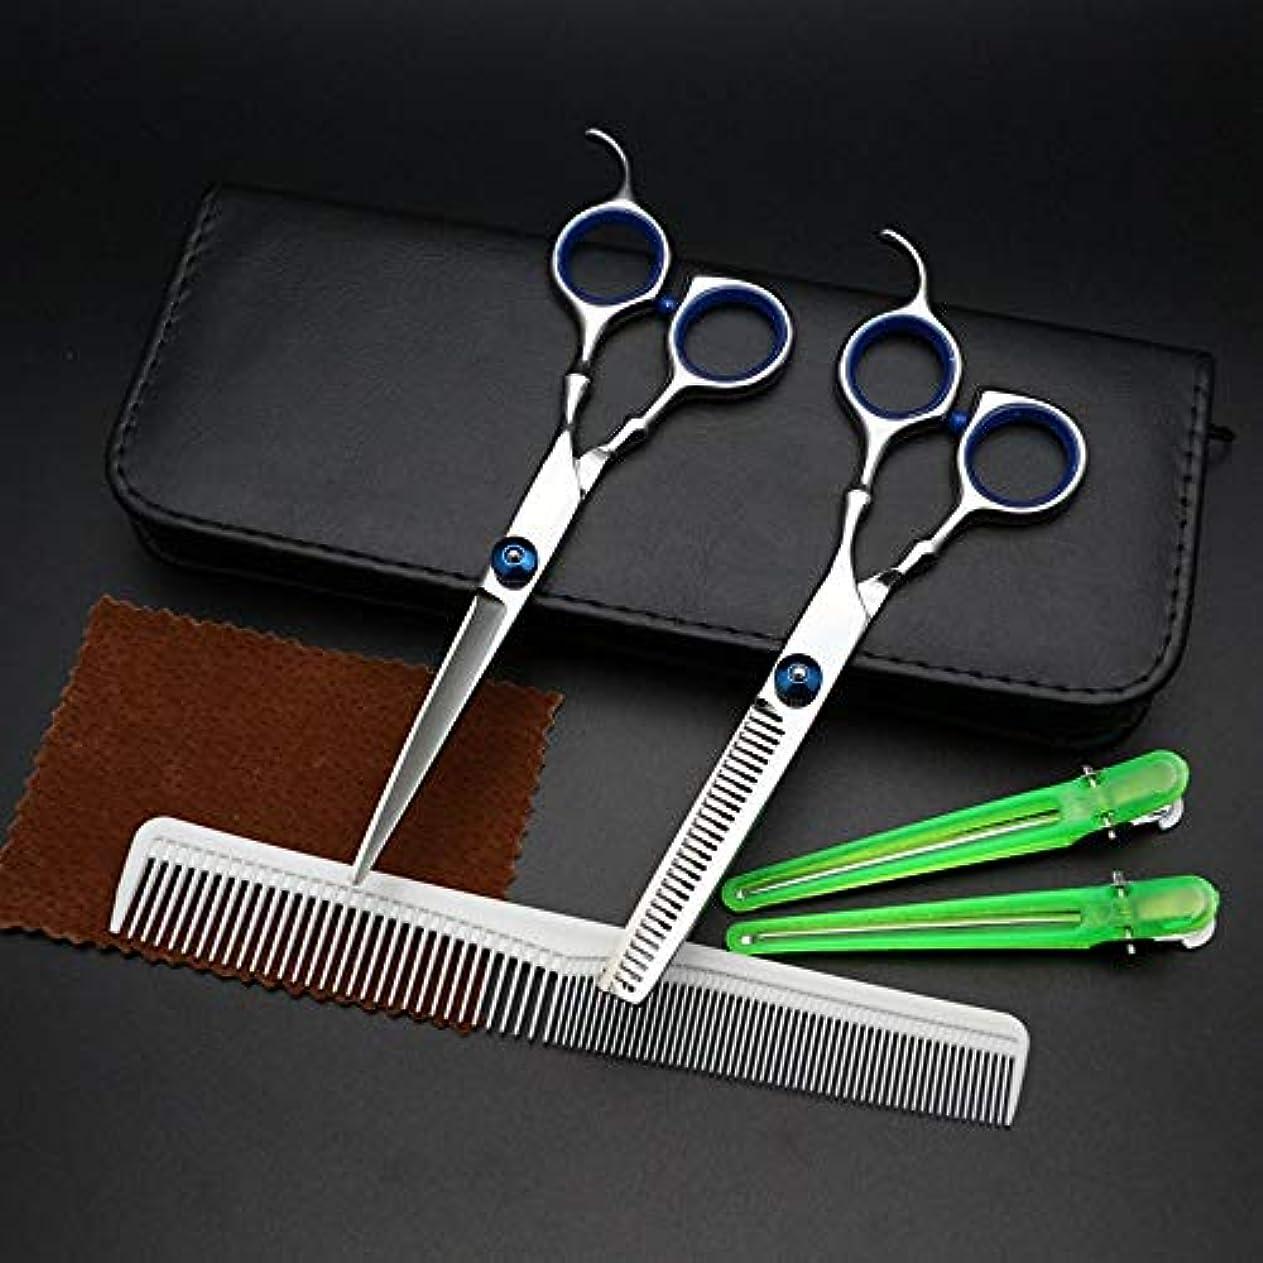 苛性レンダリング投獄TAKAYAMA 6インチ美容院プロの理髪セットホームフラットシア+歯カッティングセット (色 : Silver)